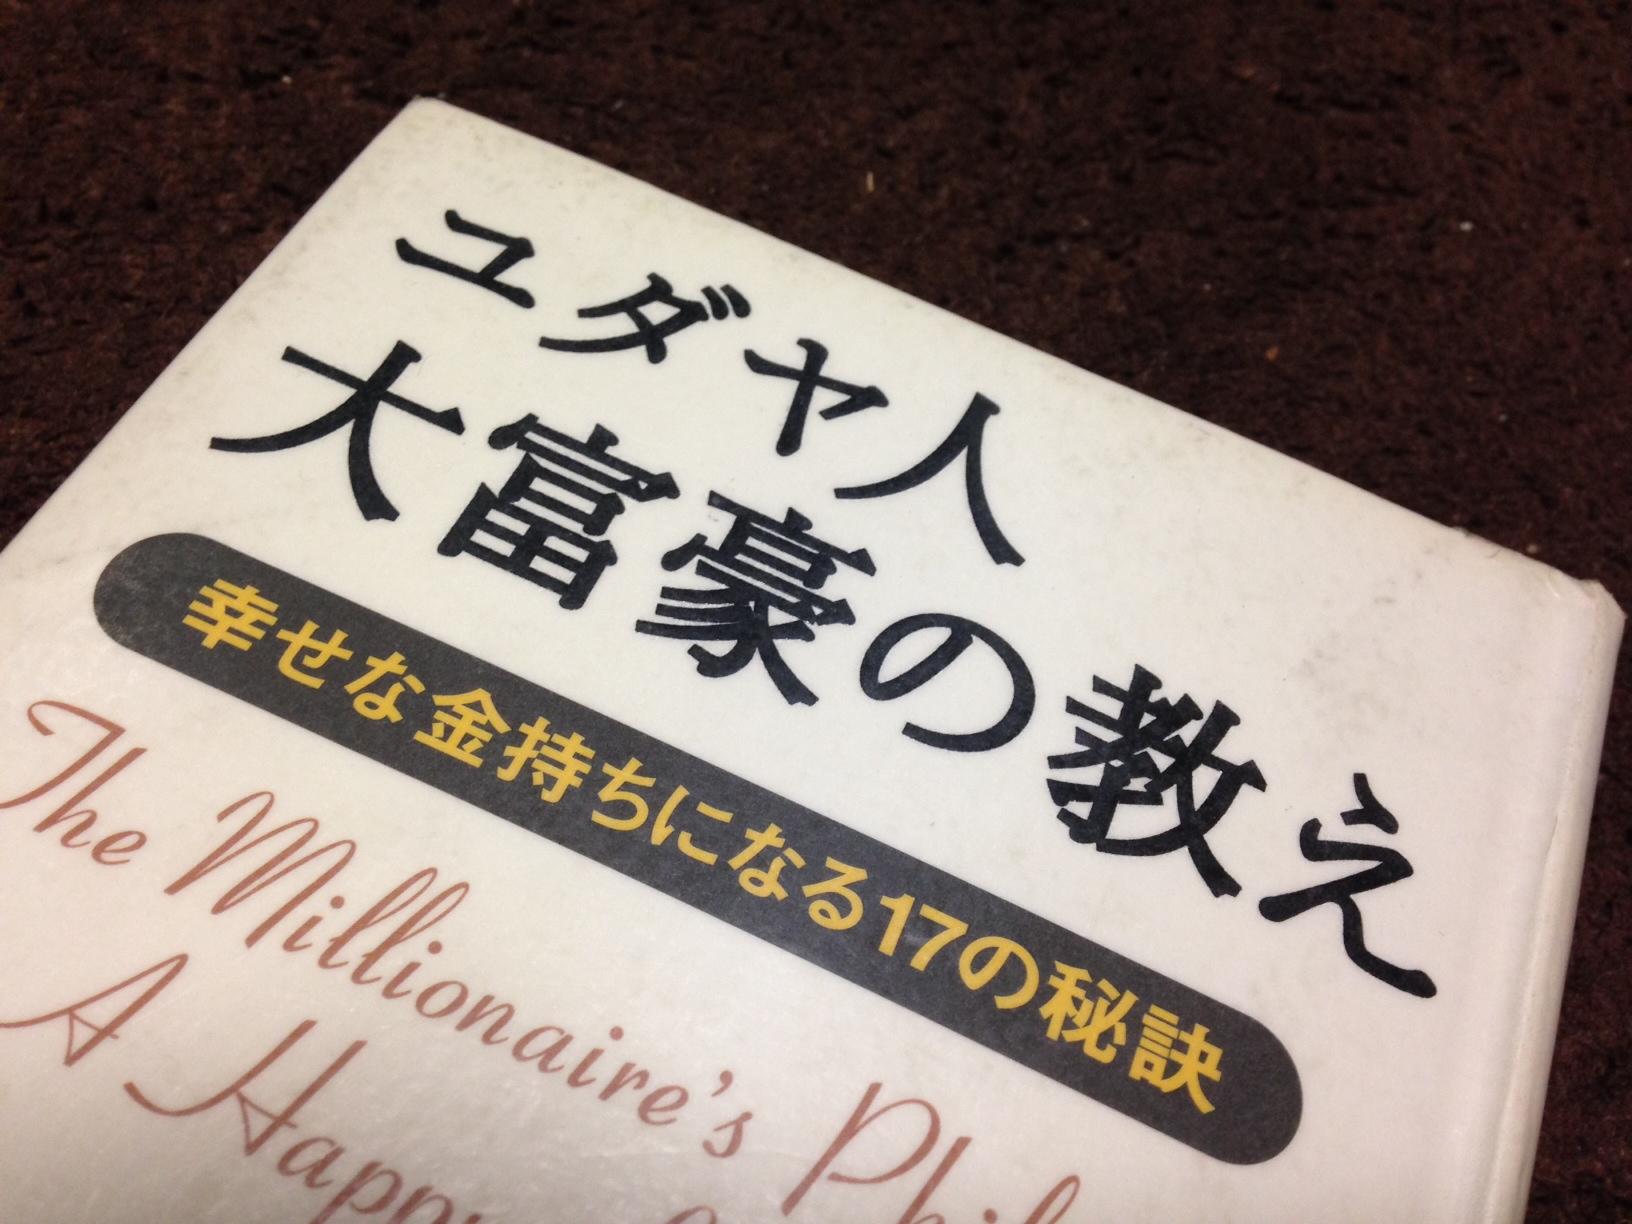 ユダヤ人大富豪の教え -本田健、久しぶりに出会った「息子に読ませたい本」へのリスト入り確定の超良作